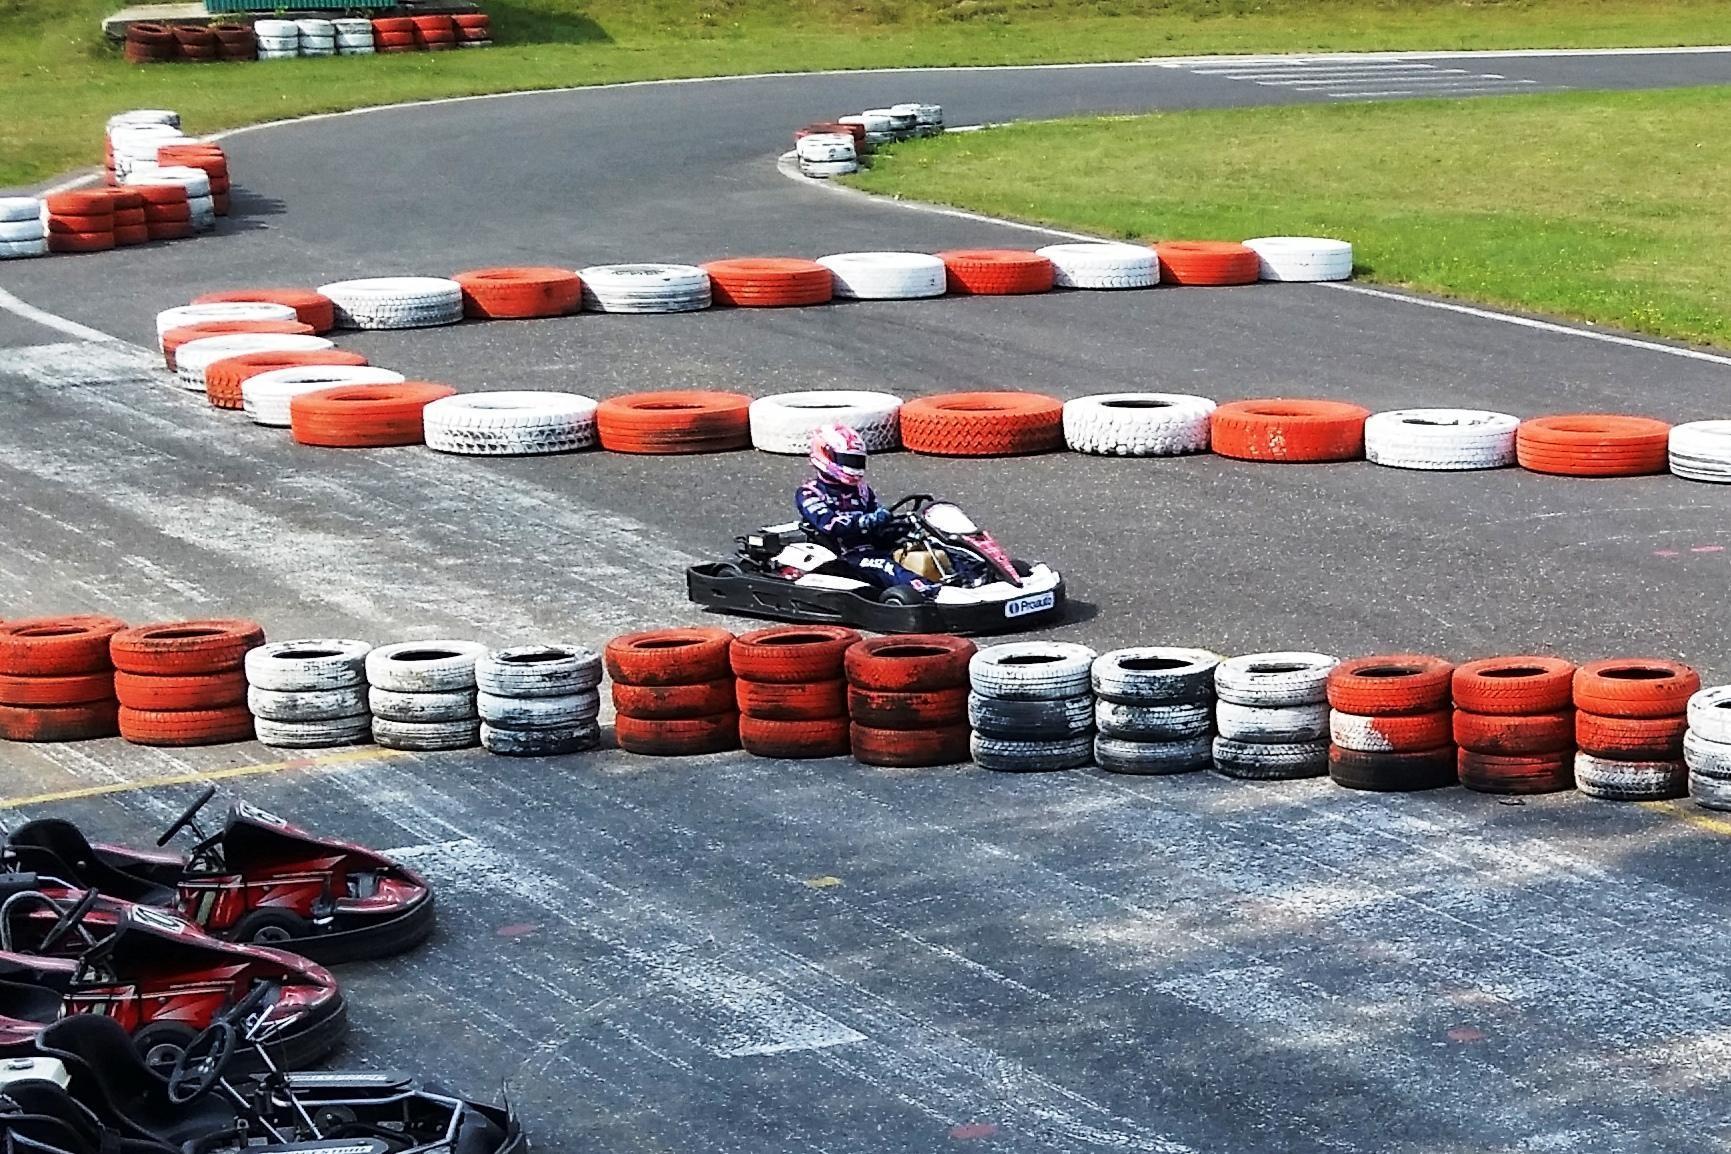 20150808 104952 - Piotr Wołynka zwycięzcą Proauto Karting Extreme